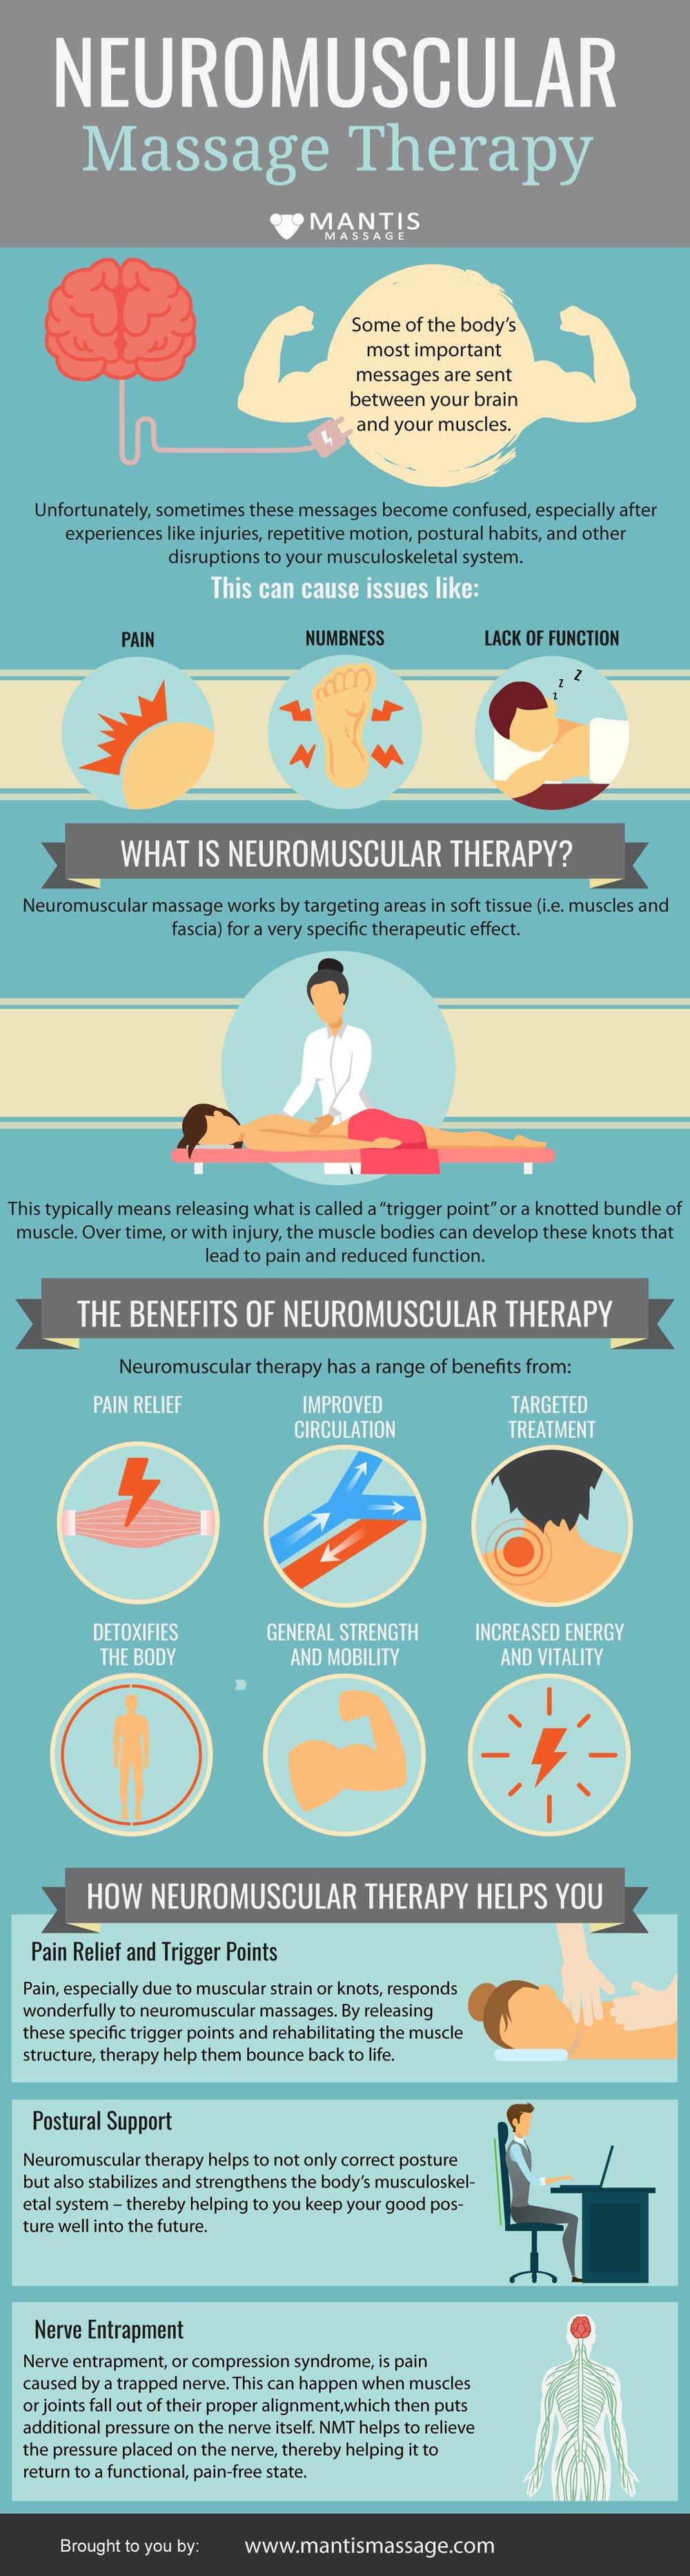 Neuromuscular Massage-01.jpg